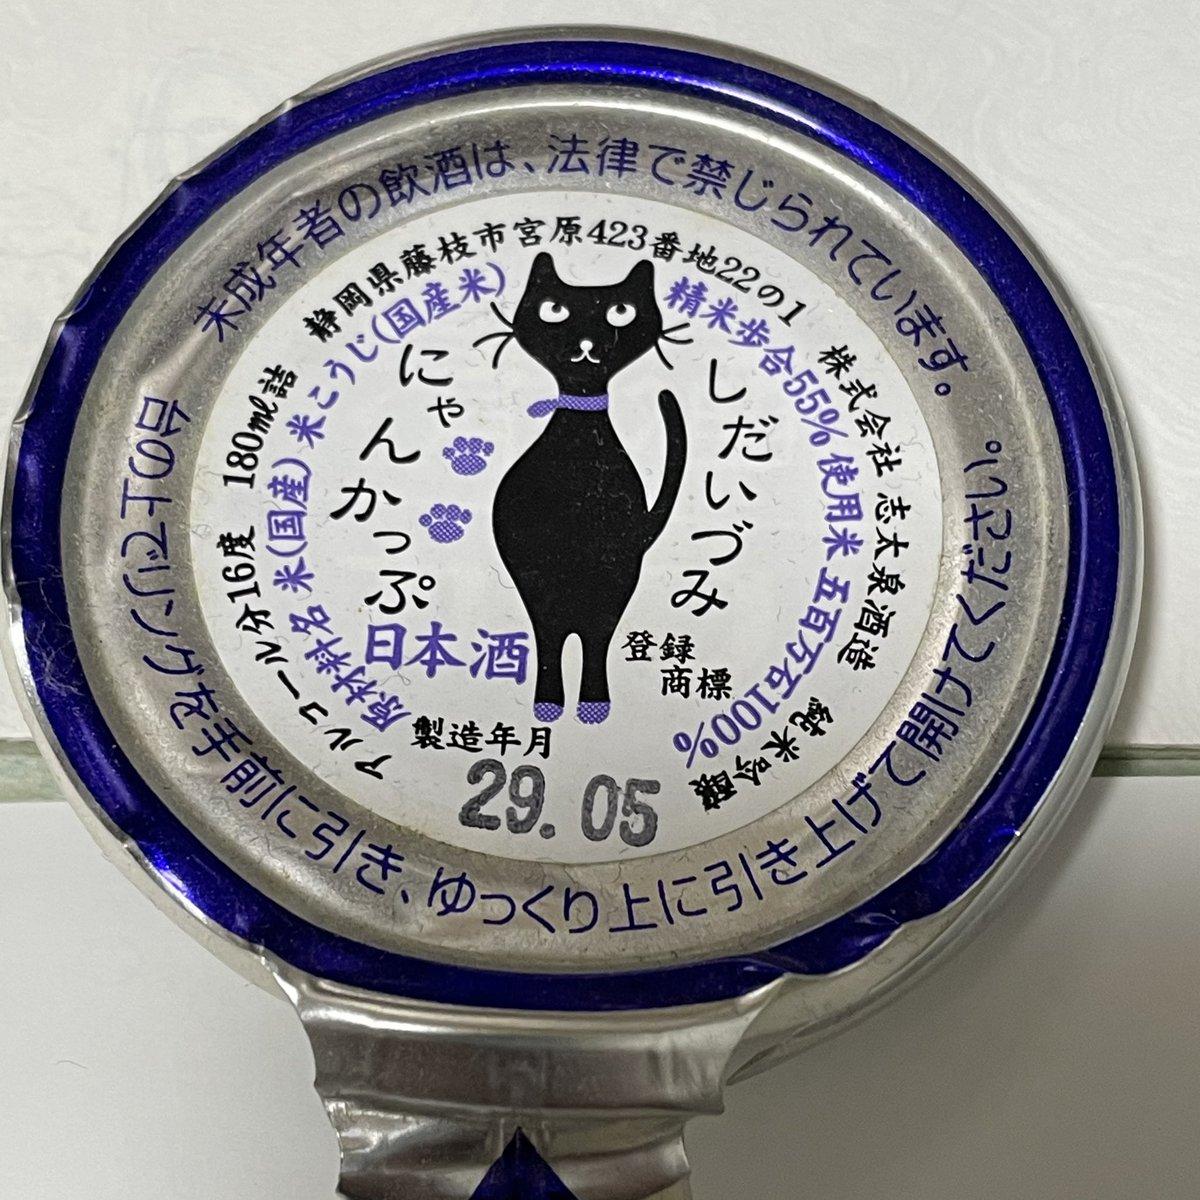 test ツイッターメディア - あった!サブのペン立てに使ってた。静岡県藤枝市の志太泉酒造のしだいづみにゃんかっぷ。星羊社イベントで頂いたものだった。 https://t.co/INMxAU8KOs